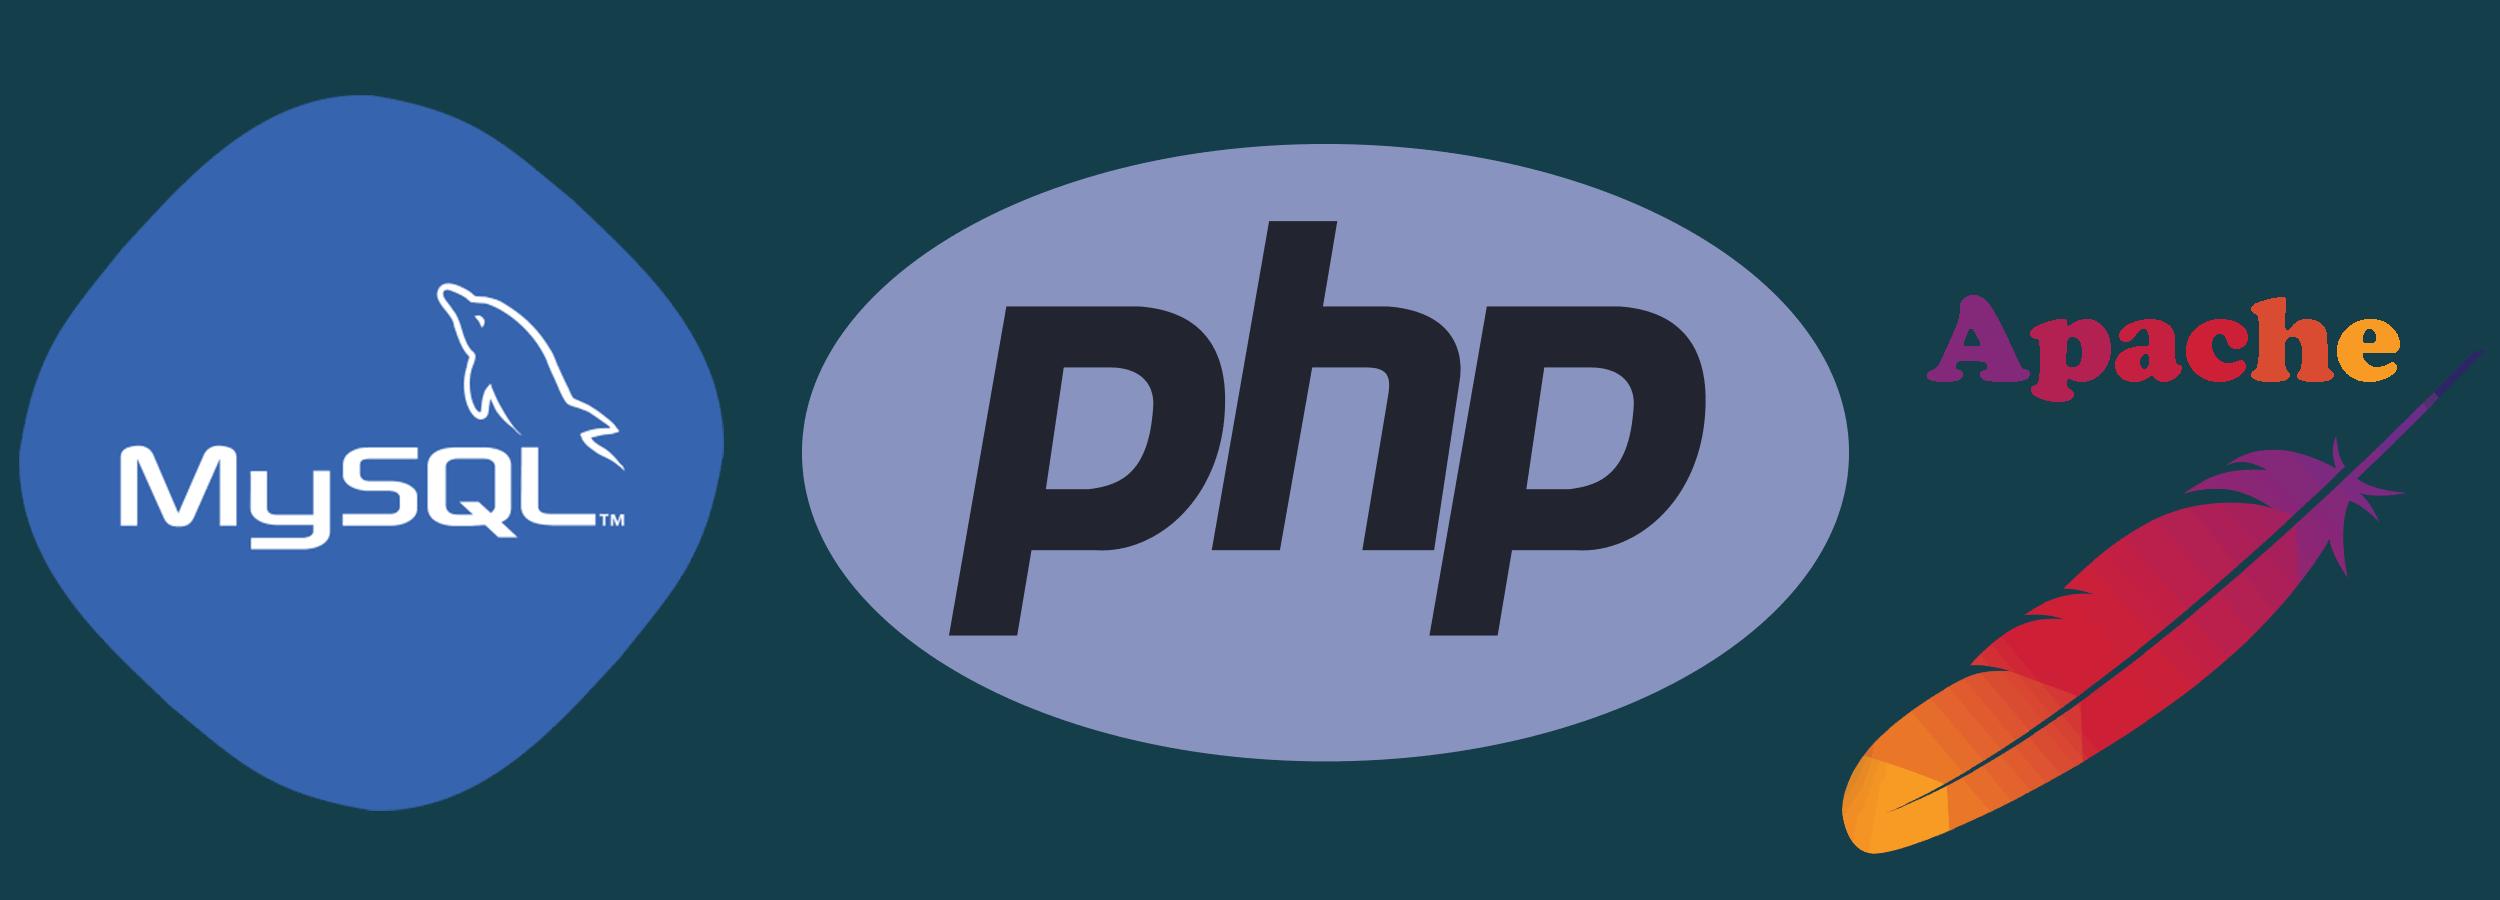 آموزش نصب LAMP در اوبونتو | نصب PHP و MySQL و Apache در اوبونتو